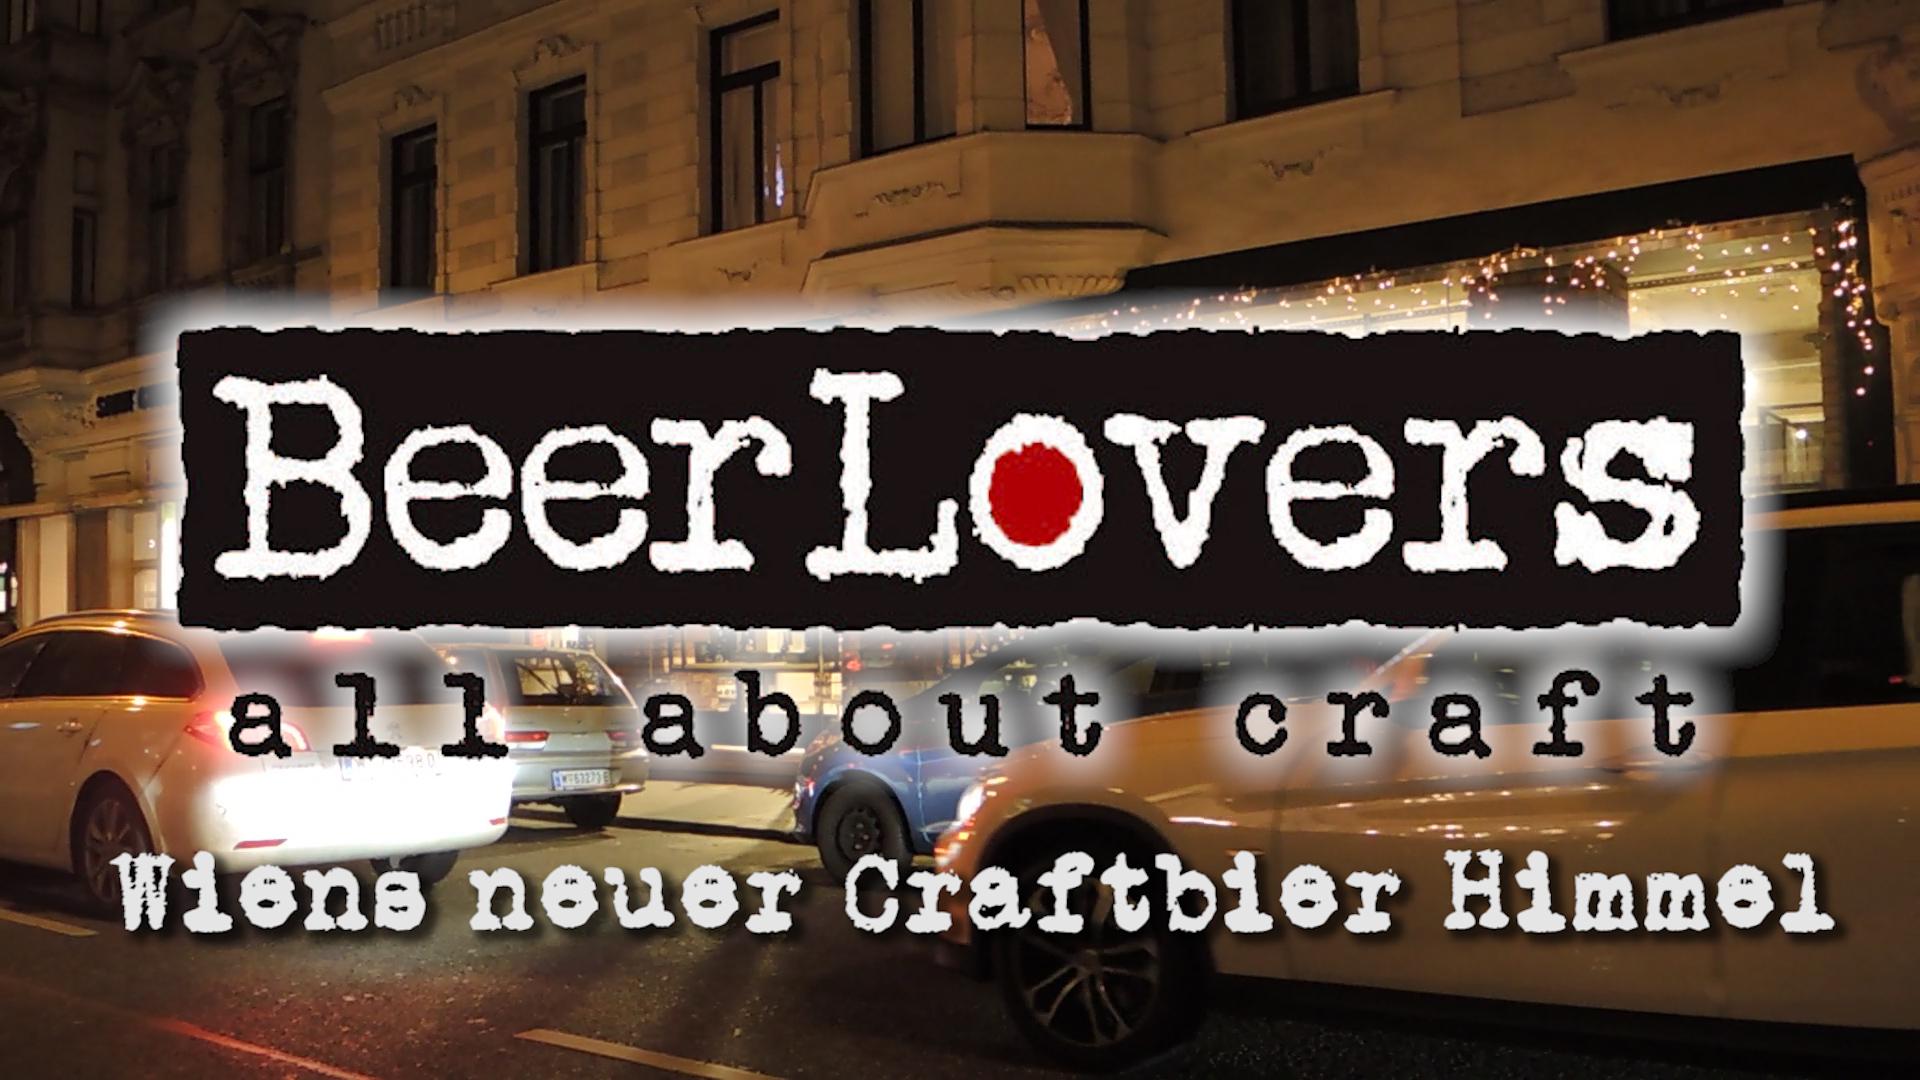 BeerLovers – Die Bodenstation des Craftbier Himmel